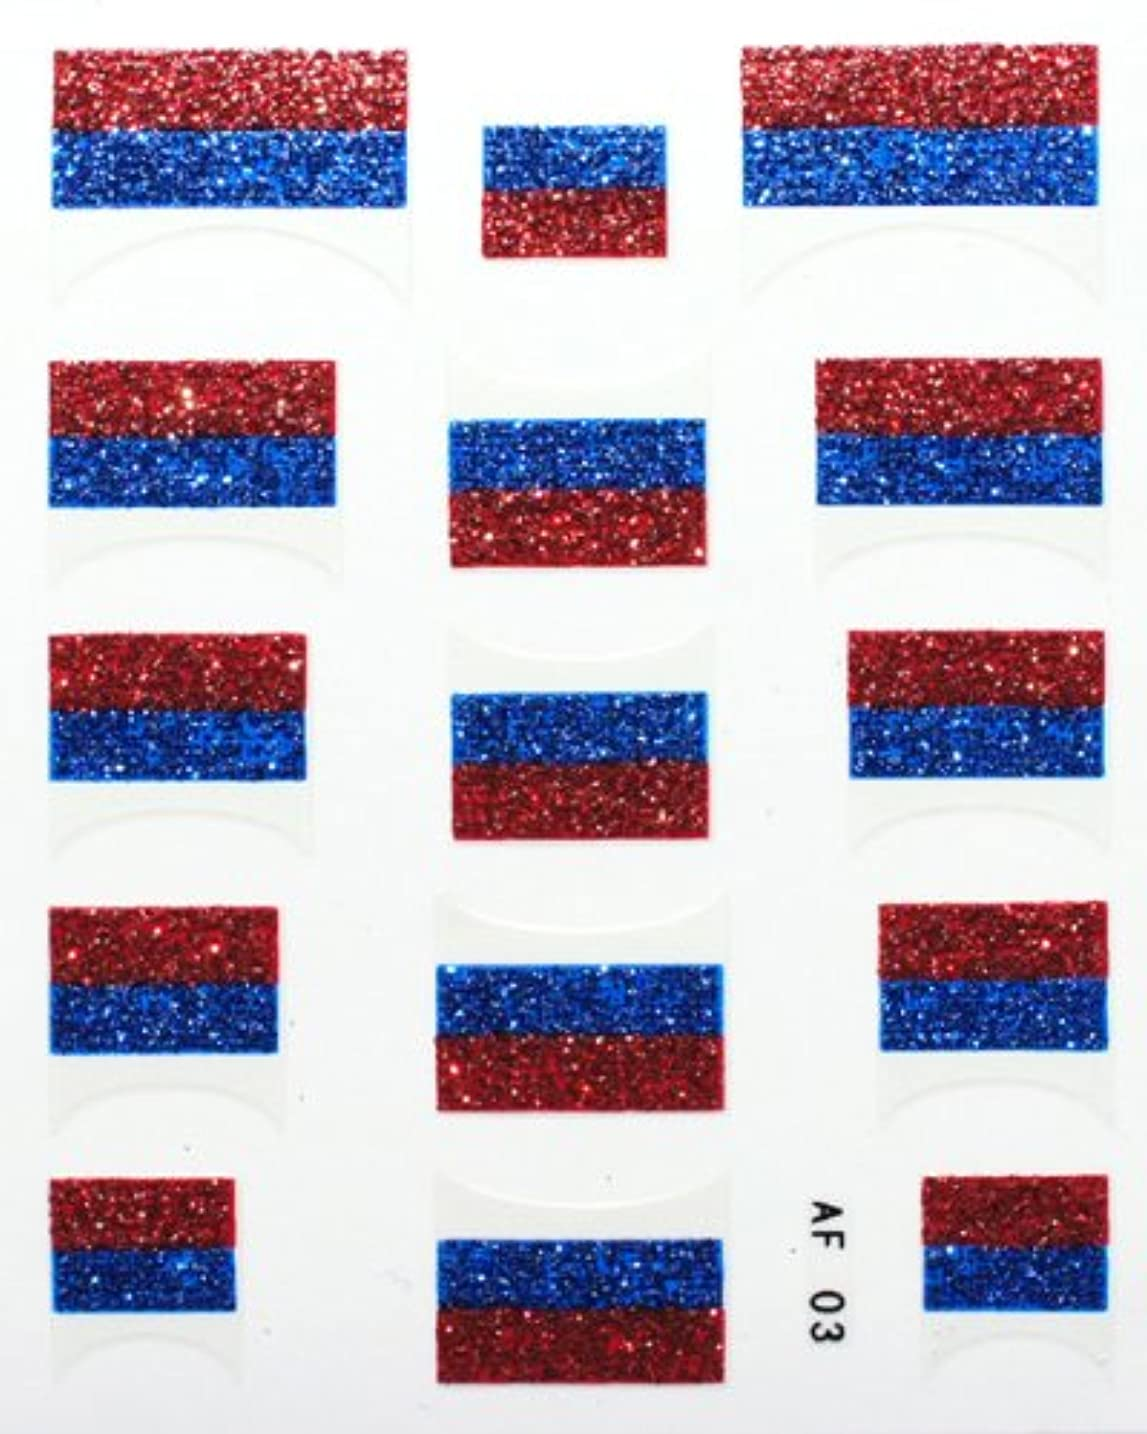 講義キリスト教賄賂きらきら逆フレンチネイルシール ロシア国旗 AF03 貼るだけ ジェルネイルアート